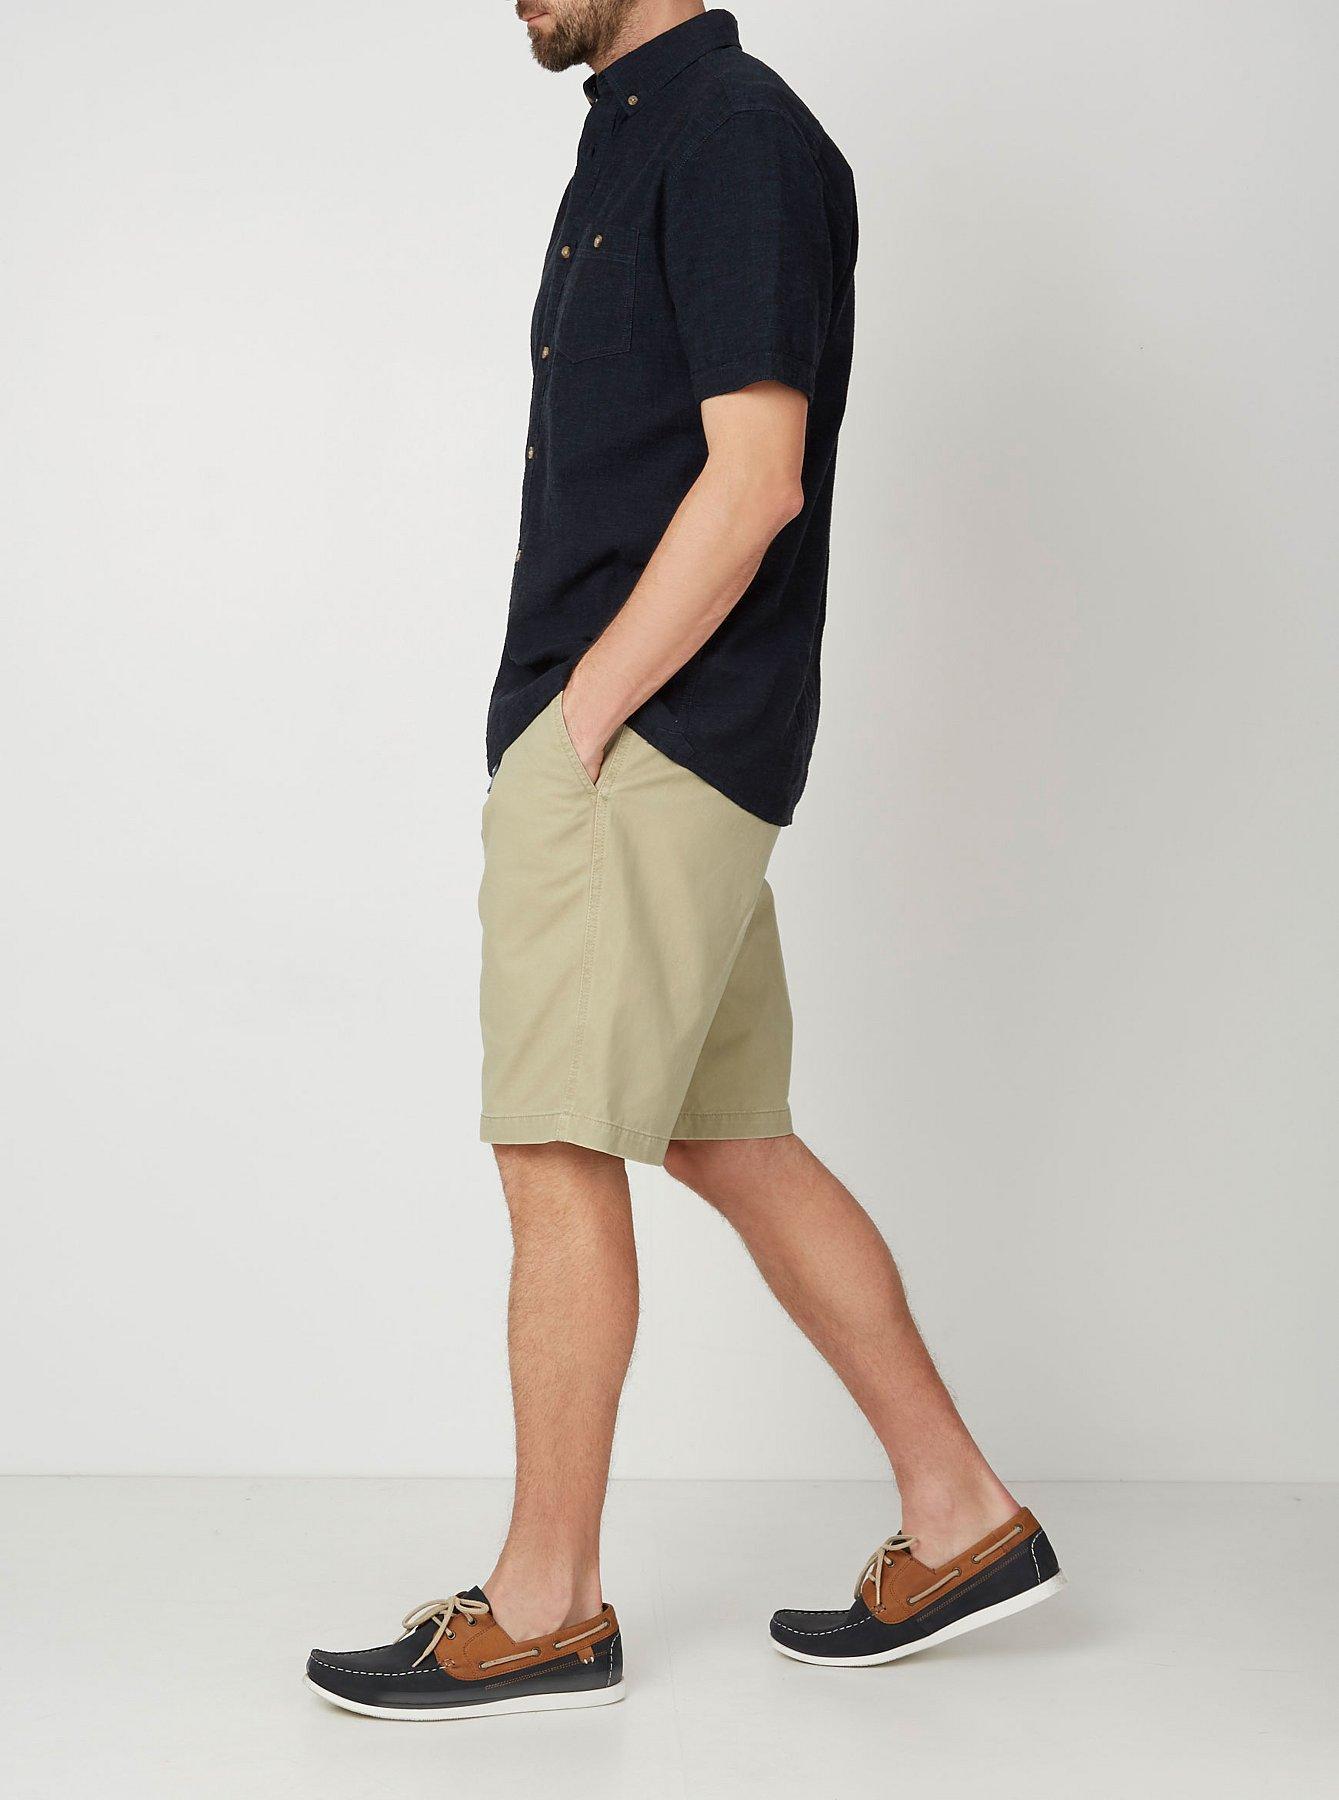 Woven Chino Shorts | Men | George at ASDA